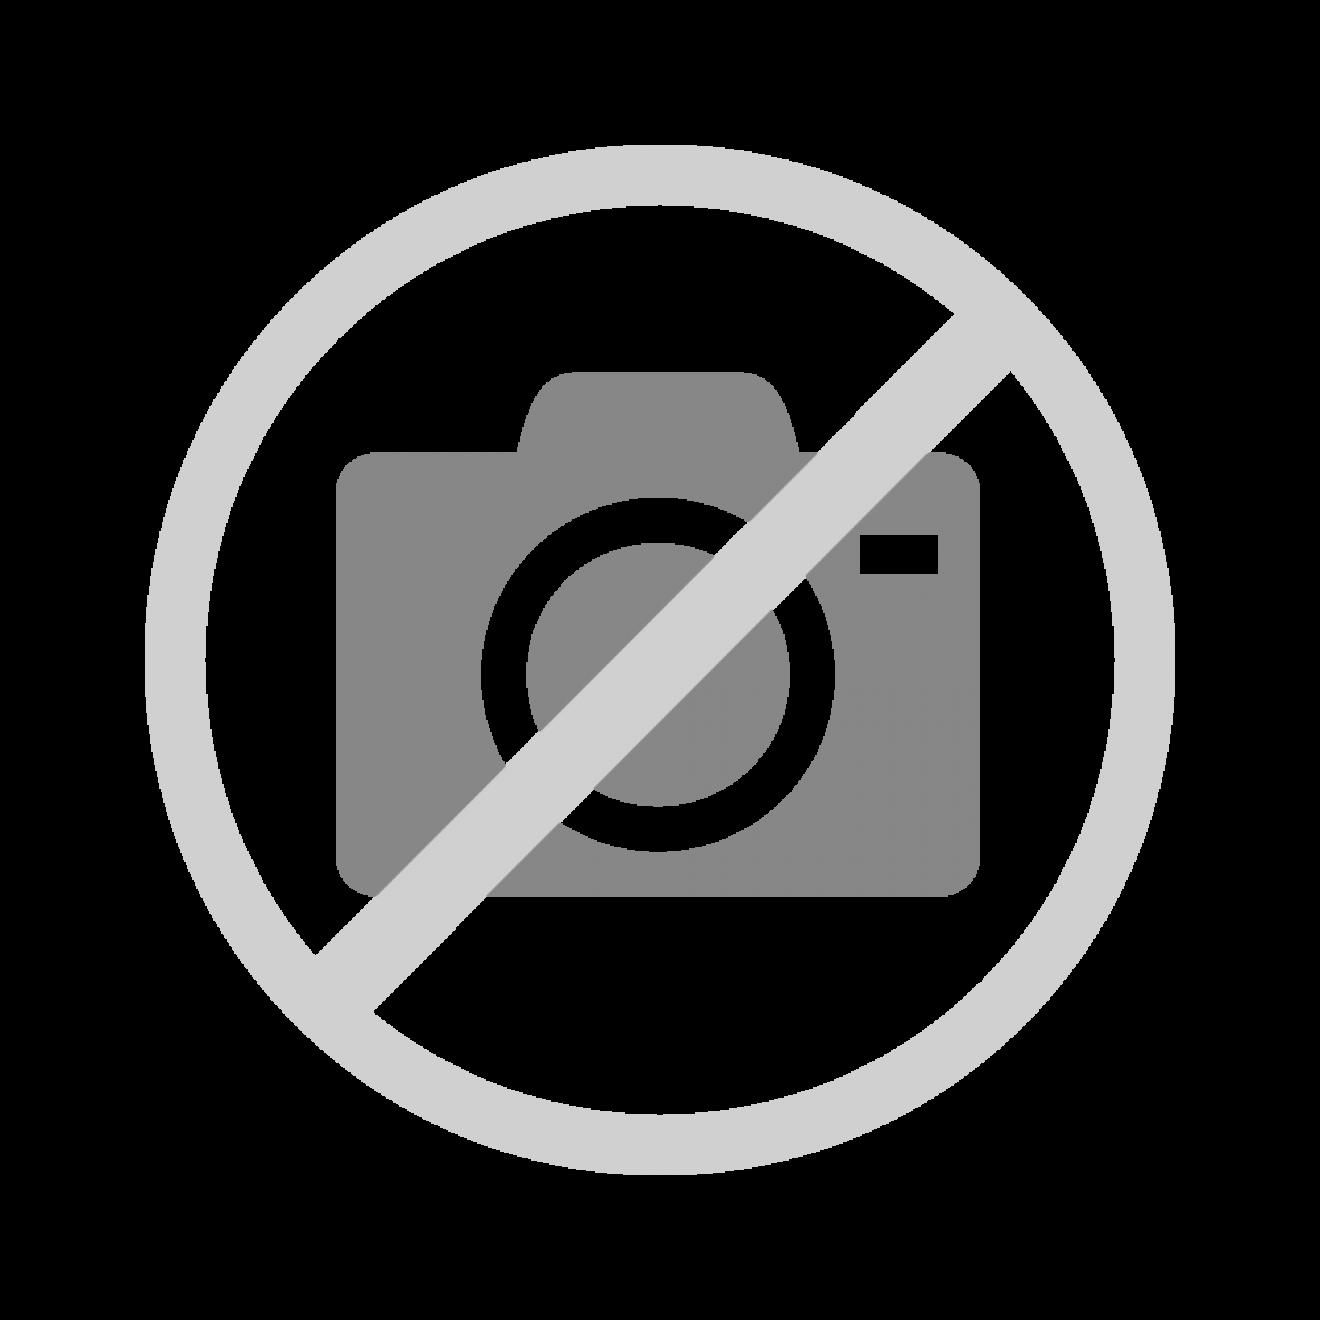 Vintage Geschenkanhänger Weihnachten, Trötsch Verlag Online-Shop